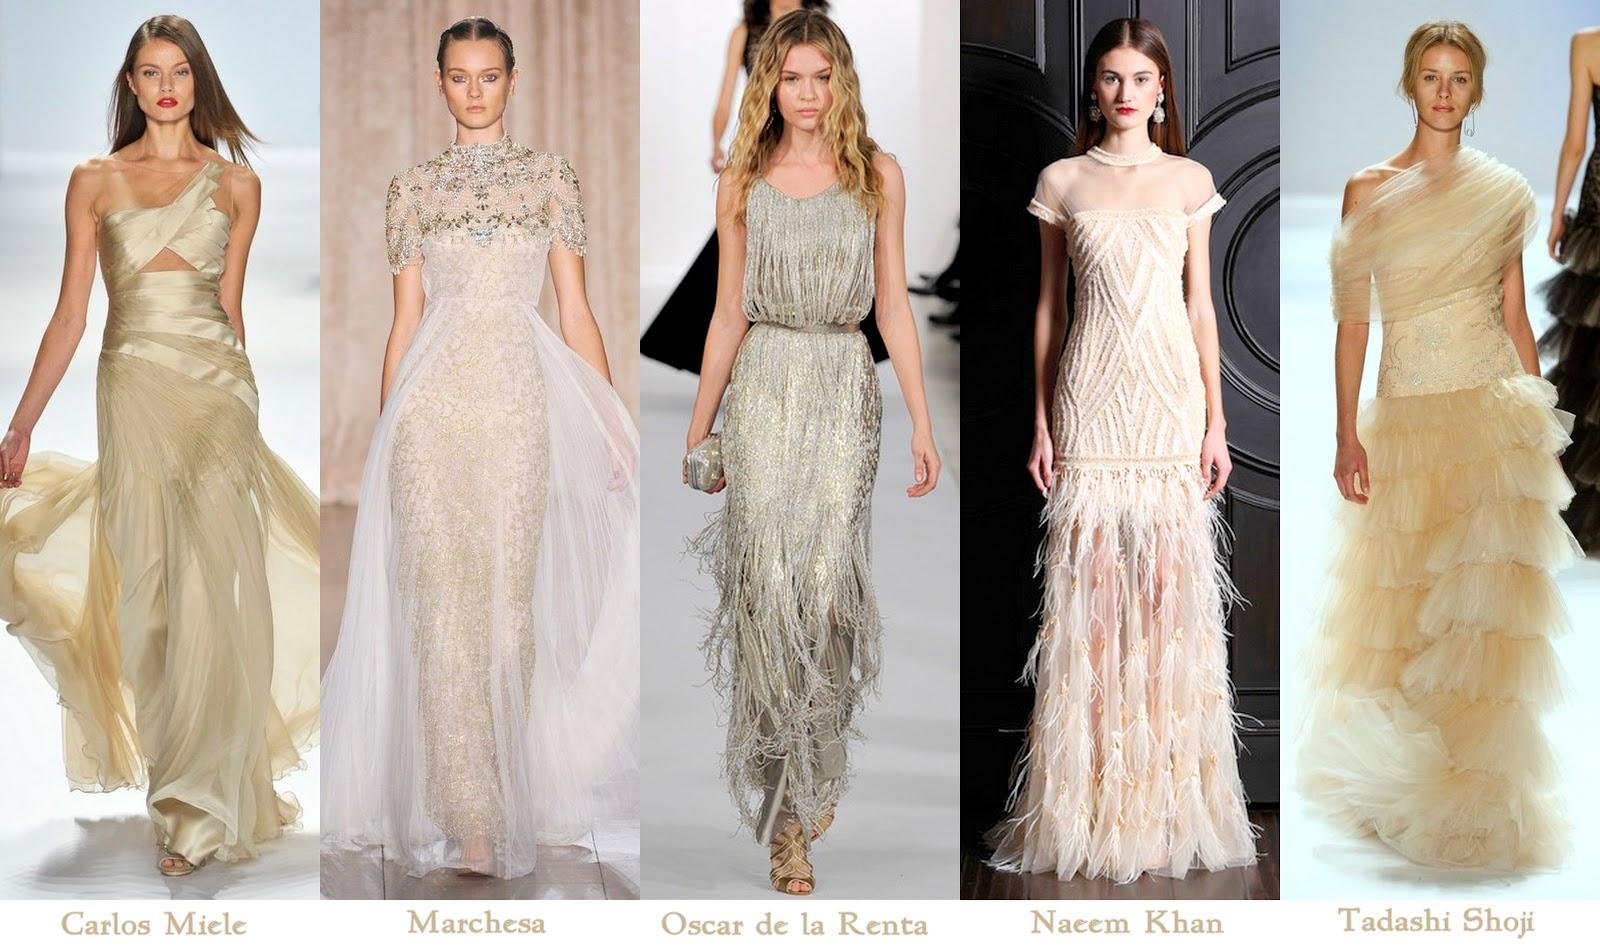 Traum Kleider - Abendmode, Hochzeitskleider, Brautkleider 2013 ...